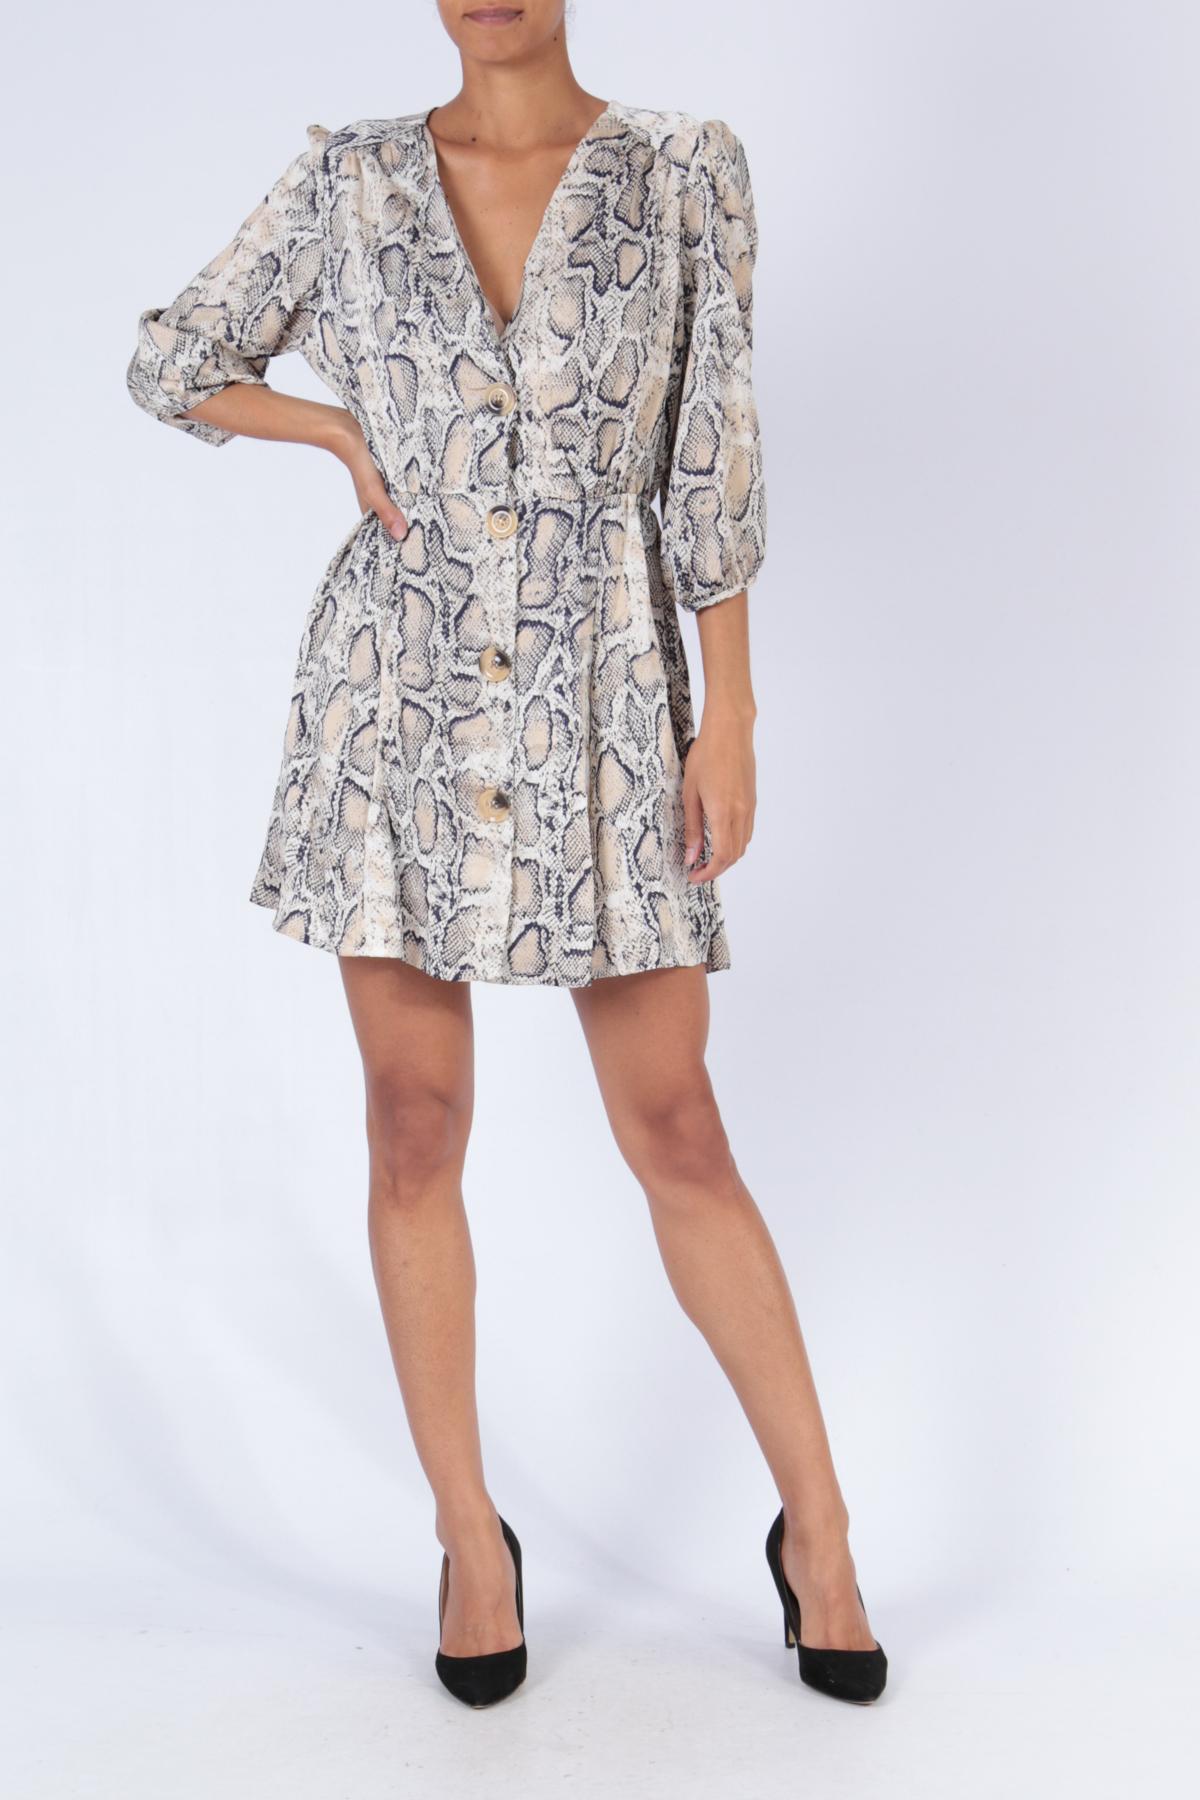 Robes courtes Femme Couleurs mélangées Bigliuli D9000 #c eFashion Paris